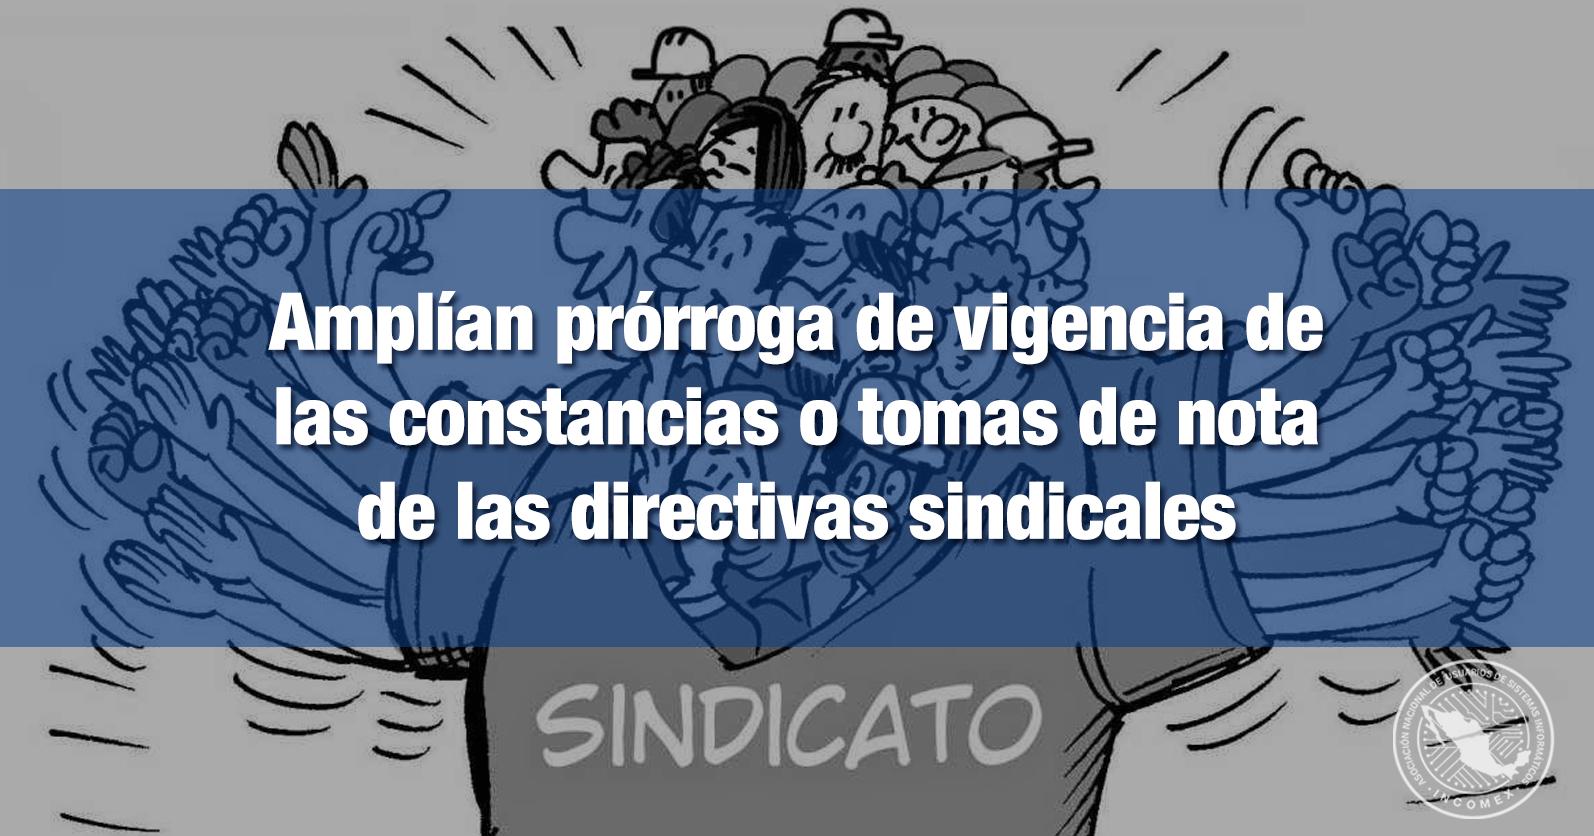 Amplían prórroga de vigencia de las constancias o tomas de nota de las directivas sindicales